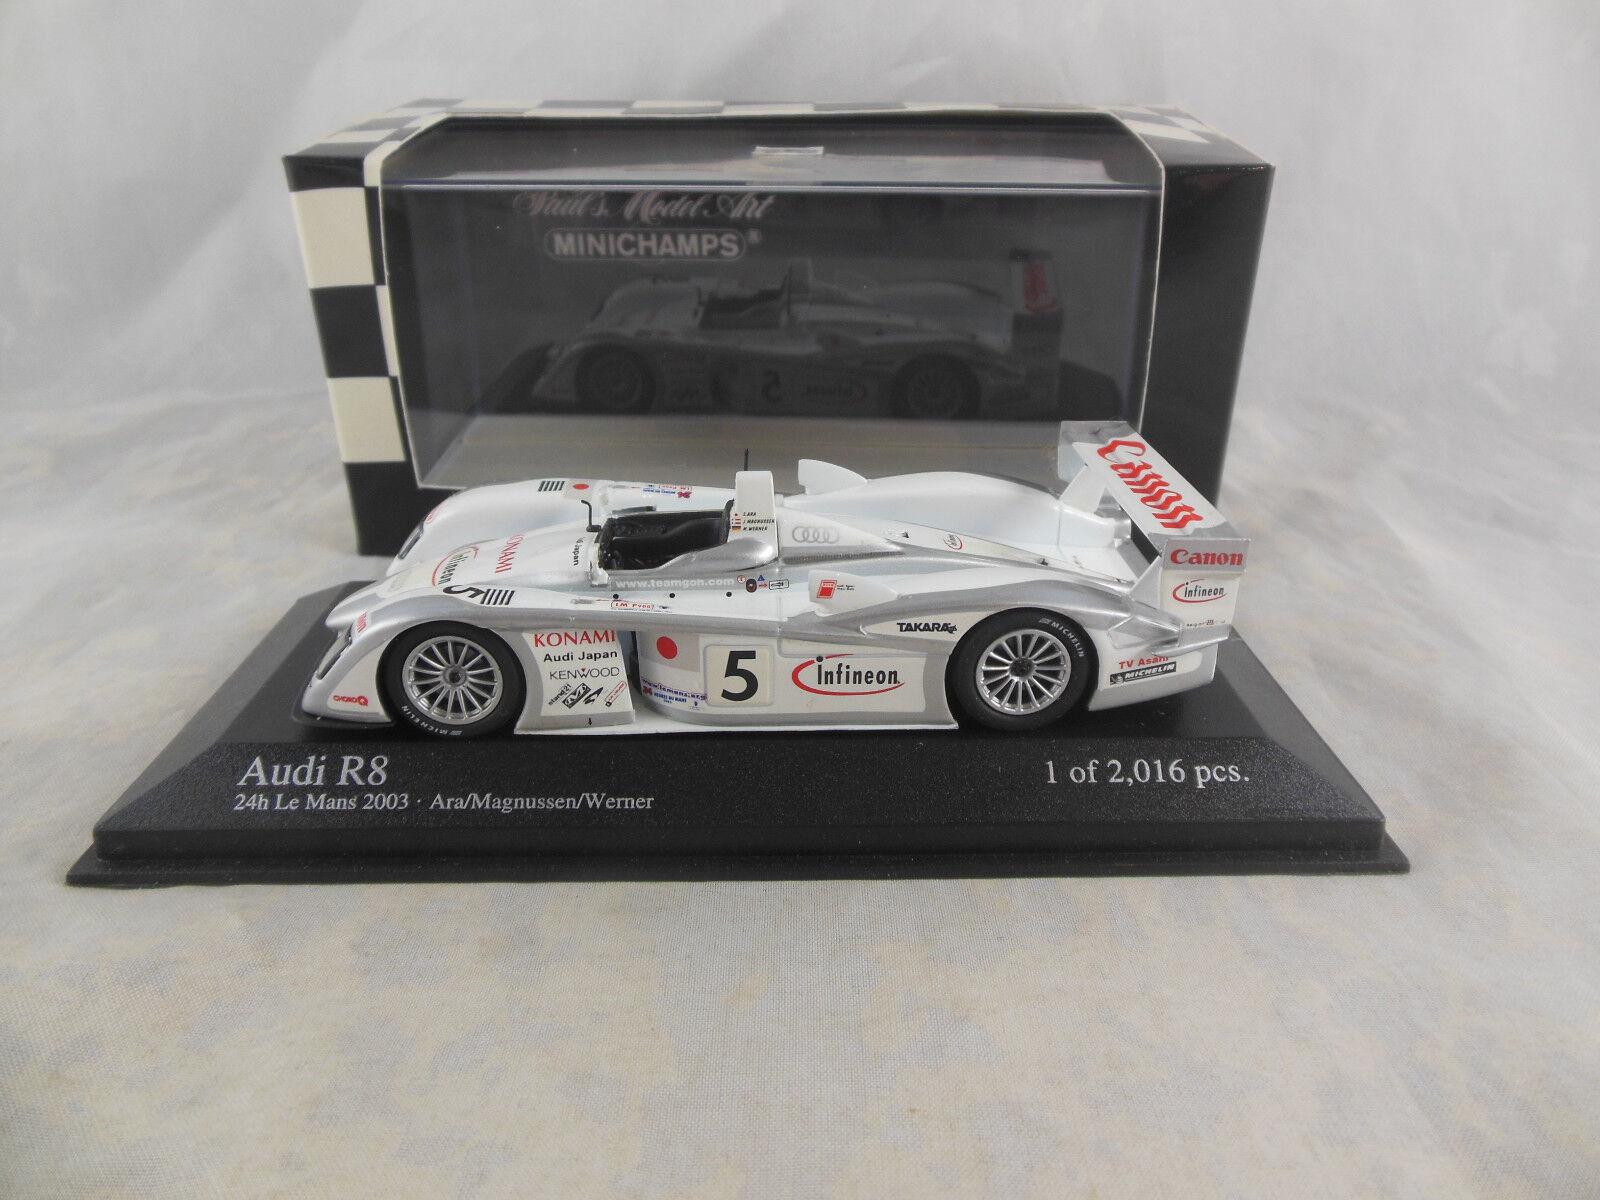 Scarce Minichamps  400 031305 Audi R8 2003 Le Mans 24 Hr RN 5 Ara   Magnussen